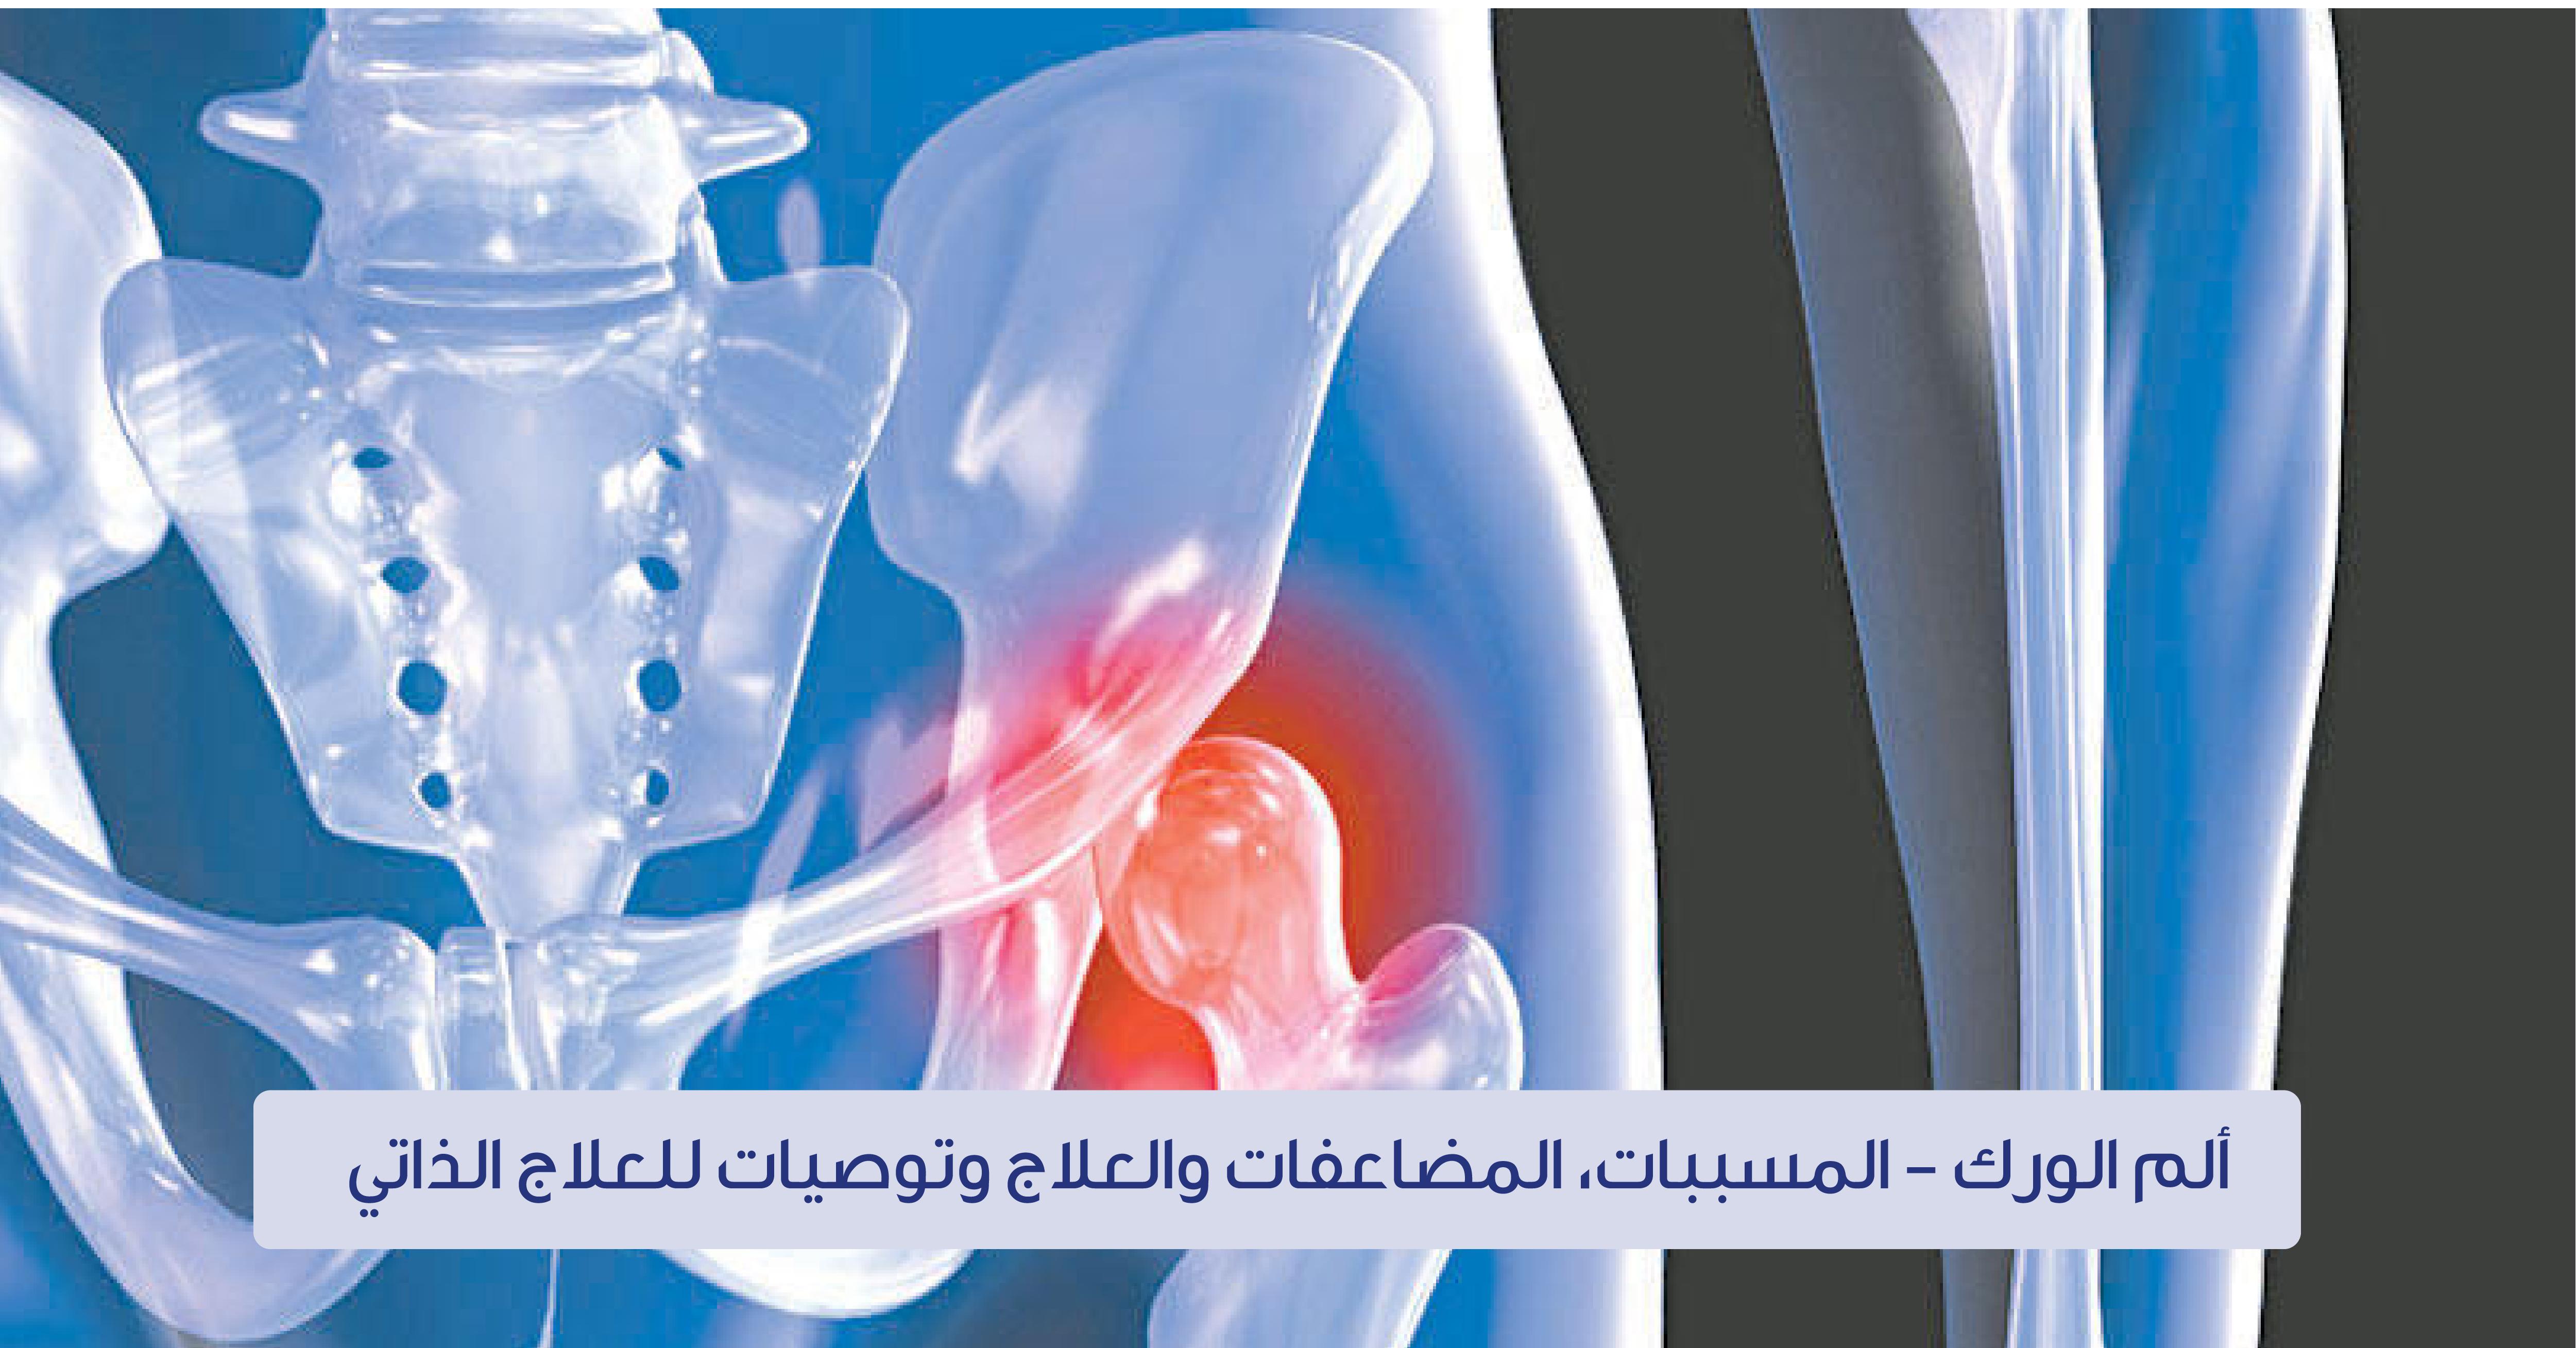 ألم الورك أسباب وعلاجات ذاتية ويب طب